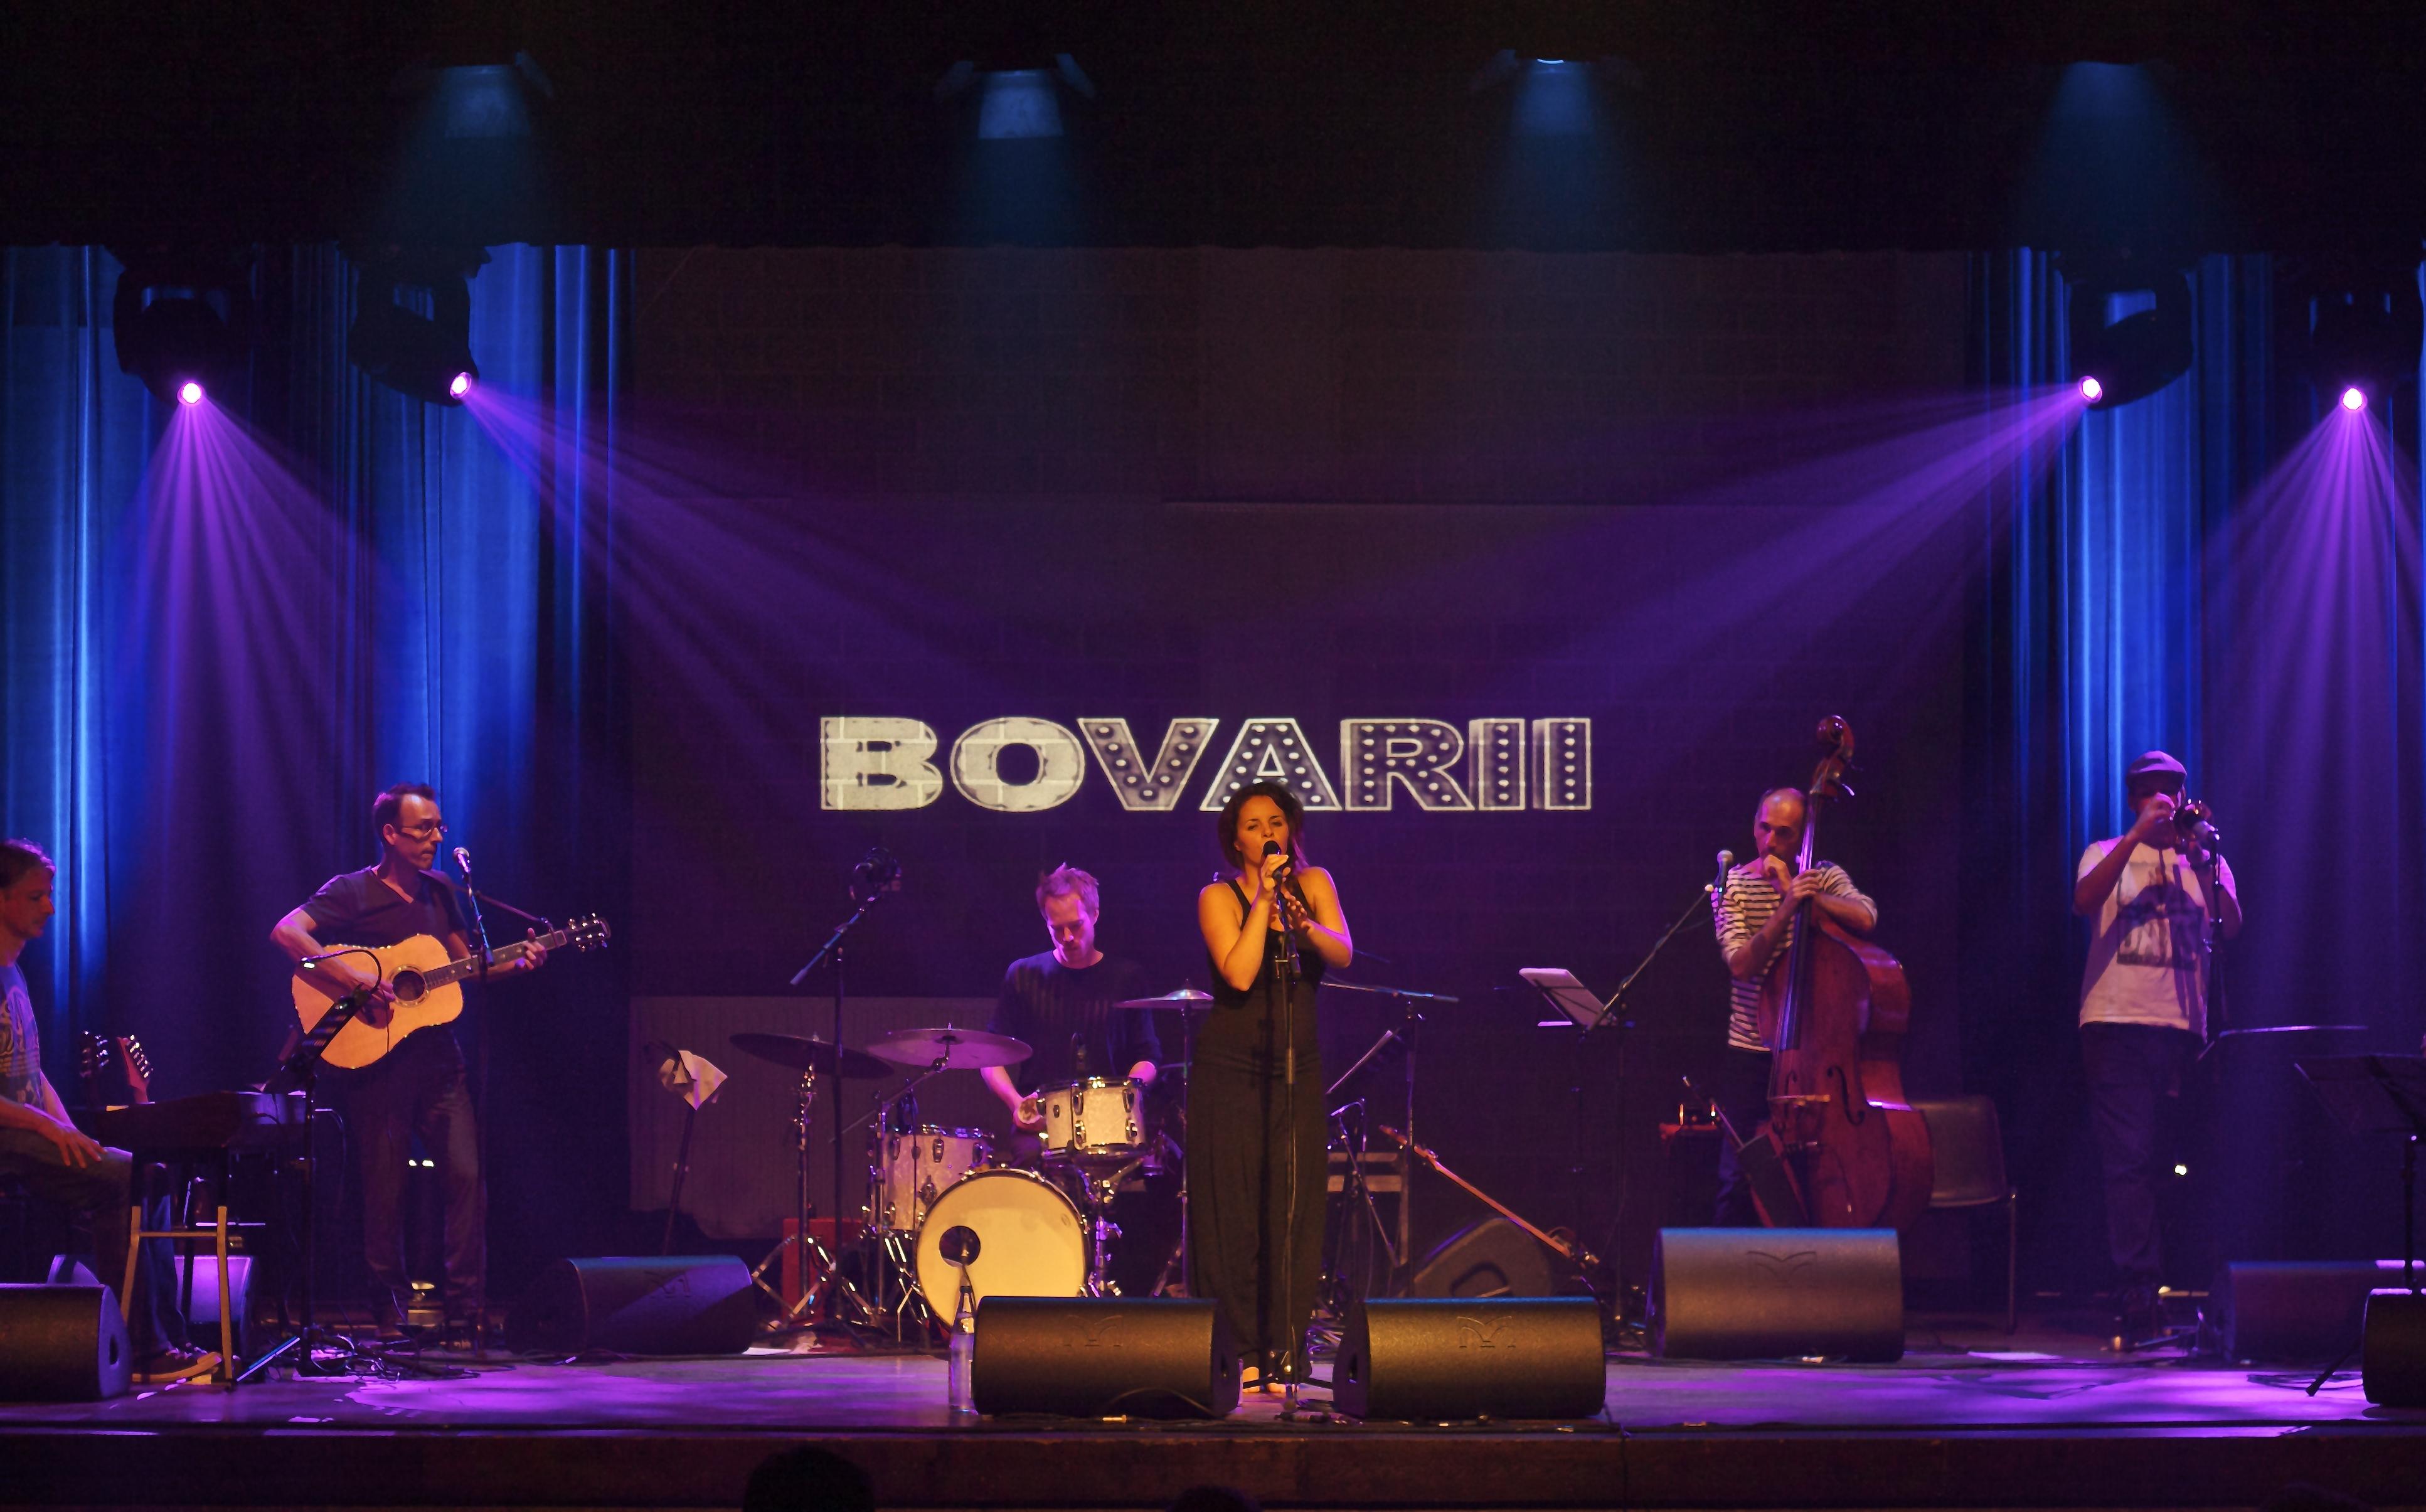 Bovarii